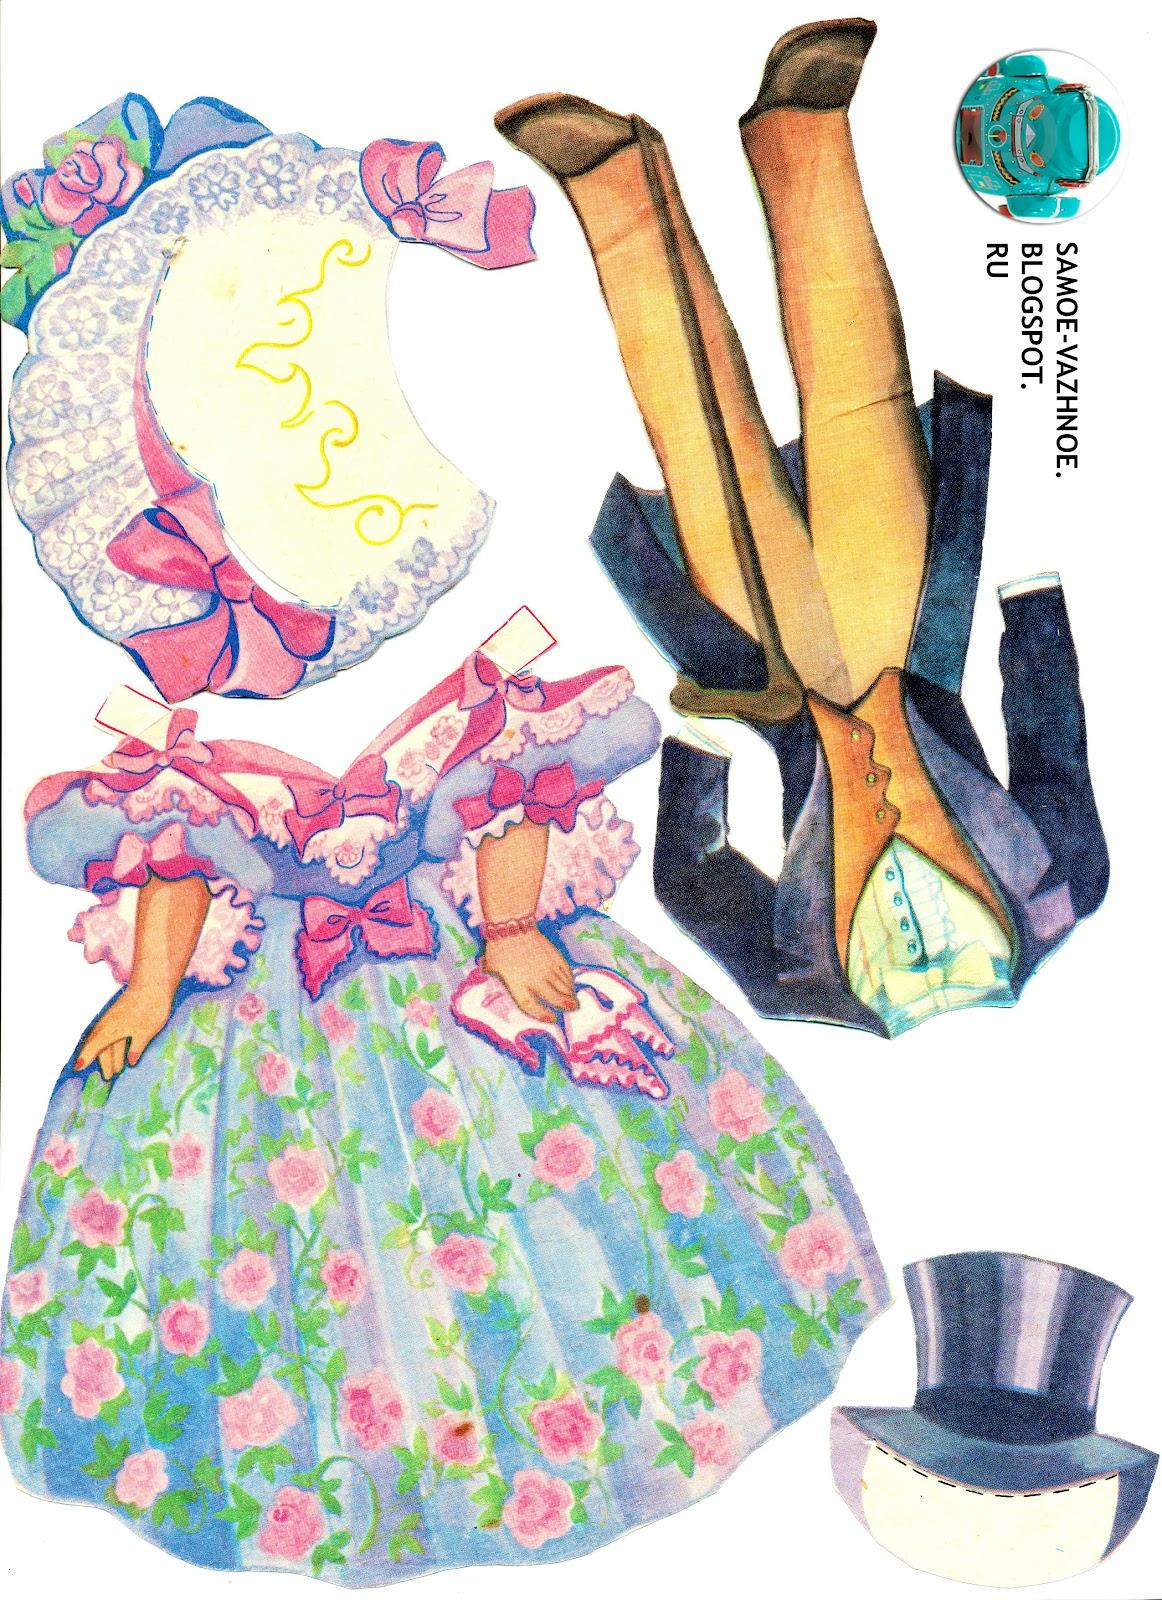 Бумажные куклы девяностые годы. Бумажные куклы История моды художник В. С. Першина, издательство Радуга СССР, советские.